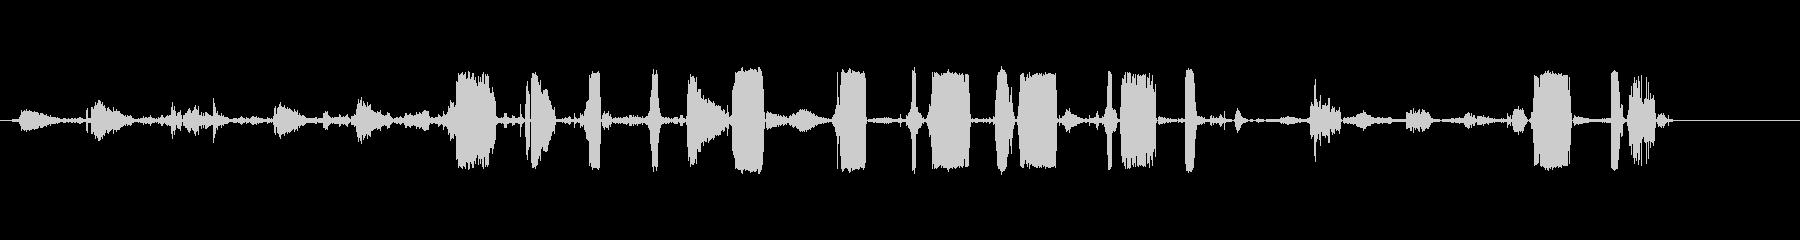 ロットワイラー;悪質なうなり声とう...の未再生の波形